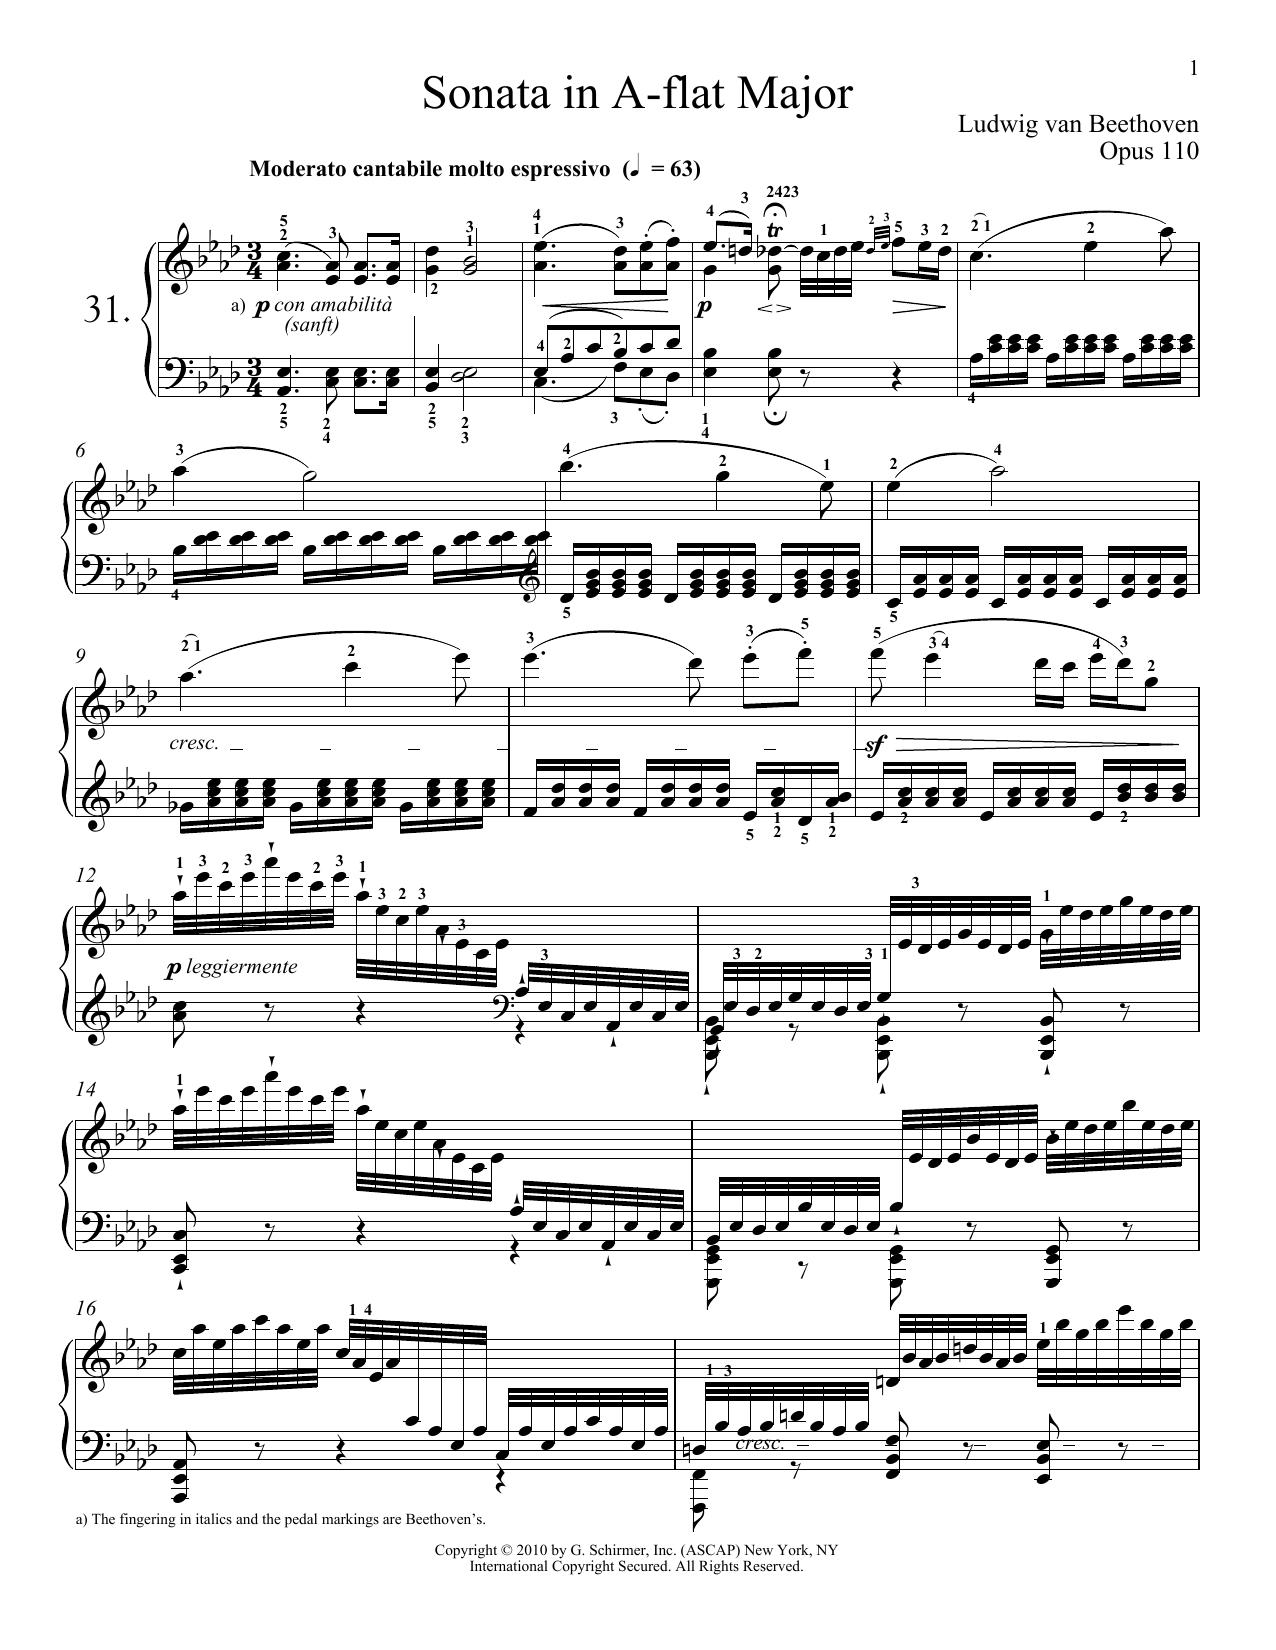 Piano Sonata No. 31 In A-flat Major, Op. 110 Sheet Music